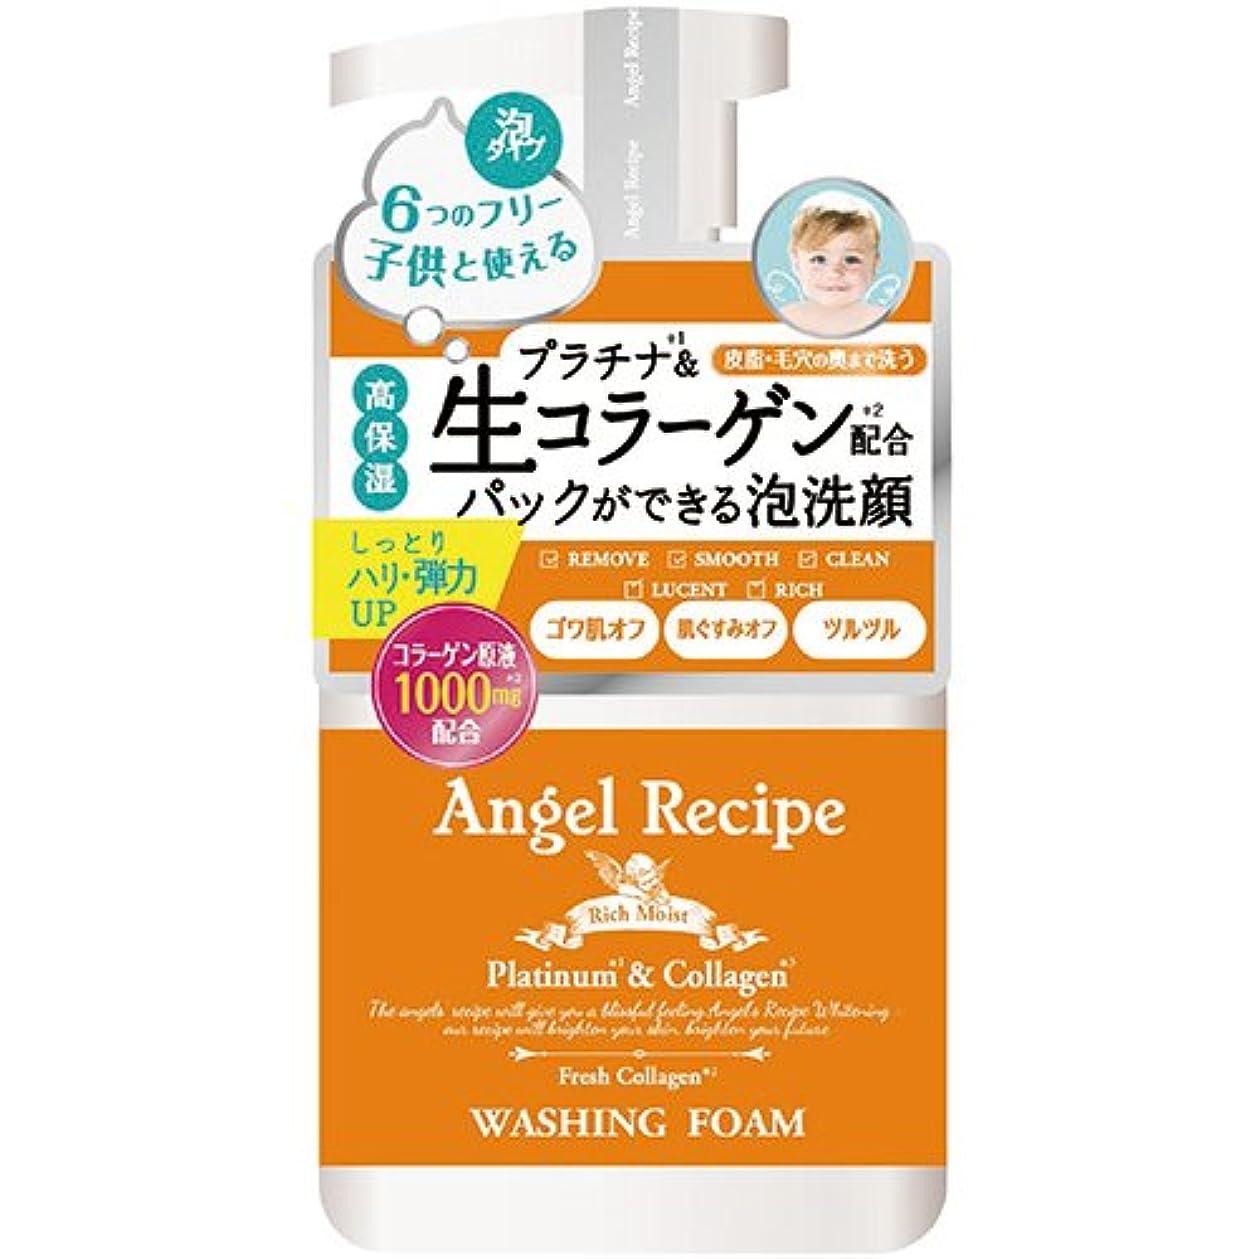 シリンダー尊敬する苦味AngelRecipe エンジェルレシピ リッチモイスト 泡洗顔 150ml